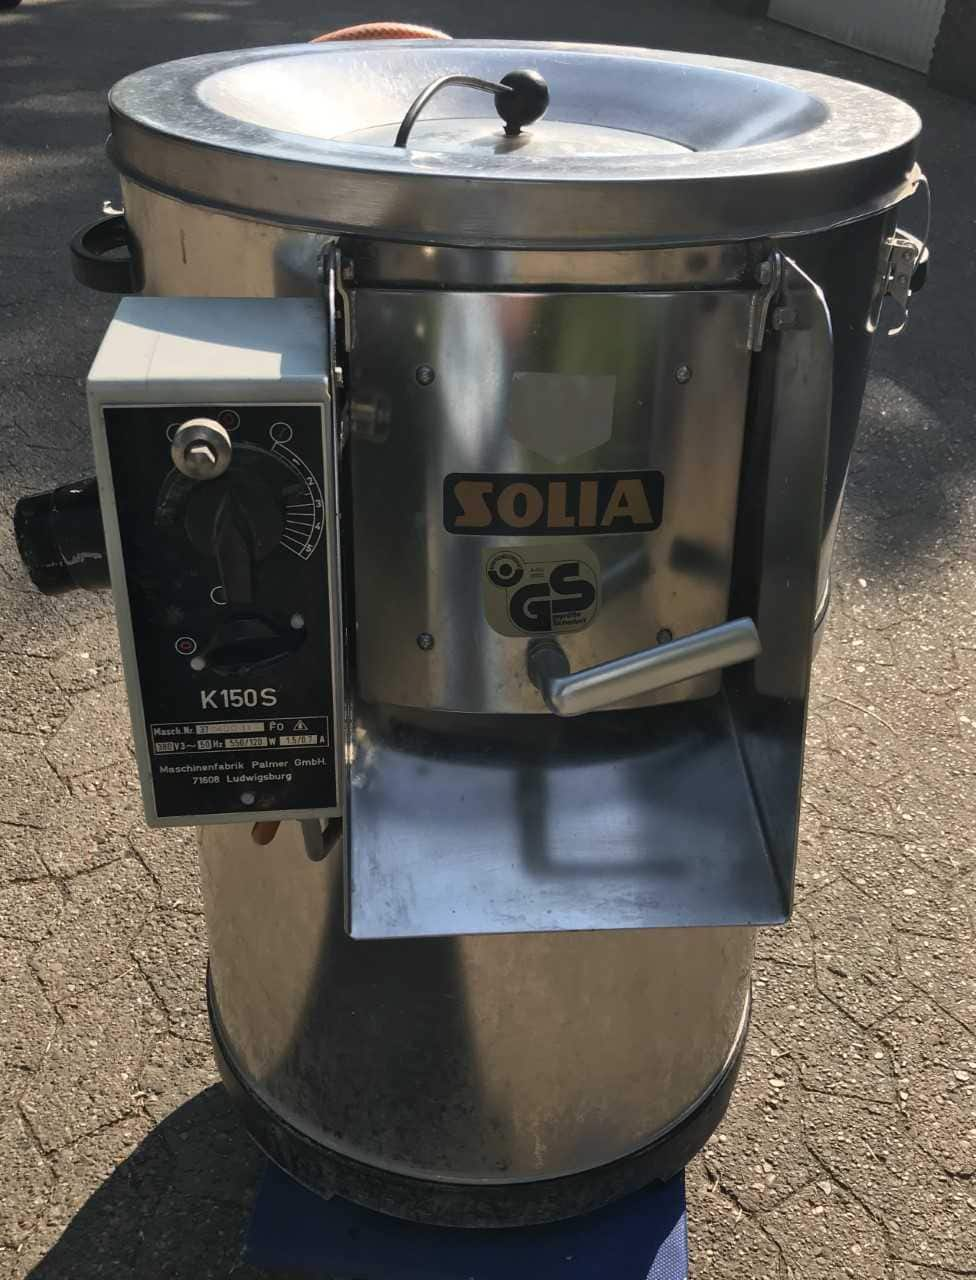 SOLIA Schälmaschine K 150 S: Zum Schälen und Waschen von Kartoffeln, Sellerie und Karotten